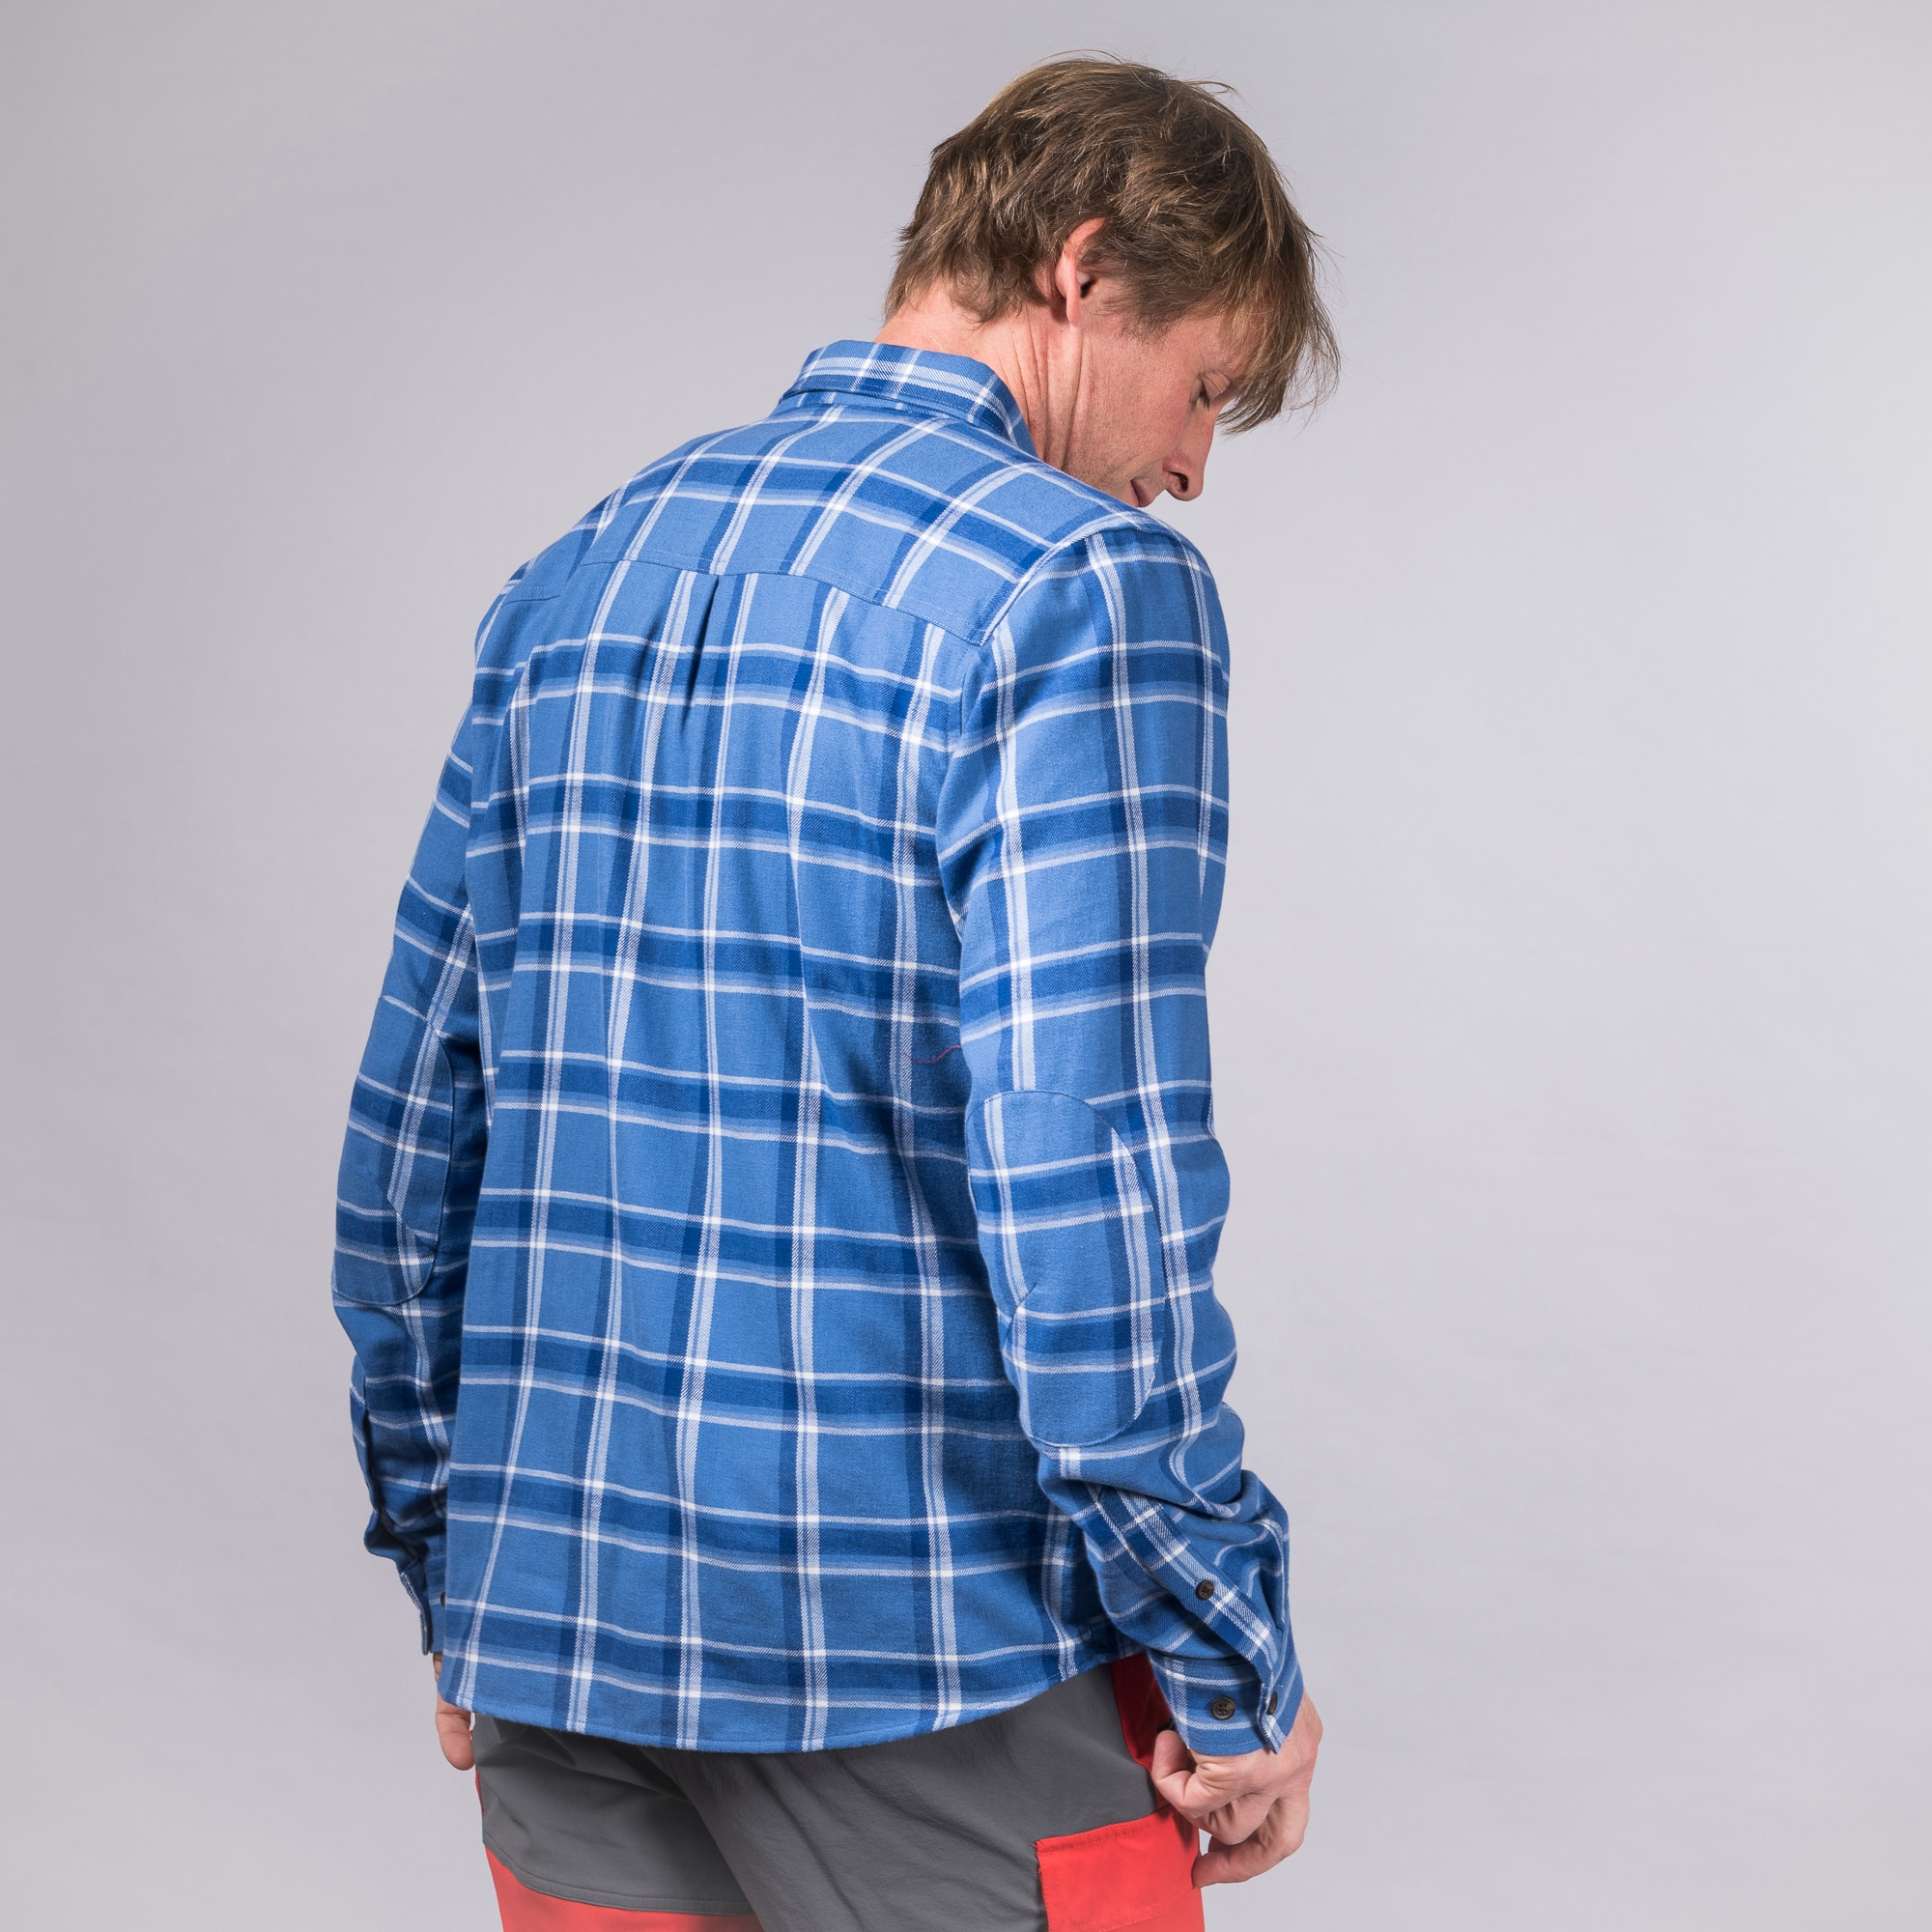 Tovdal Shirt